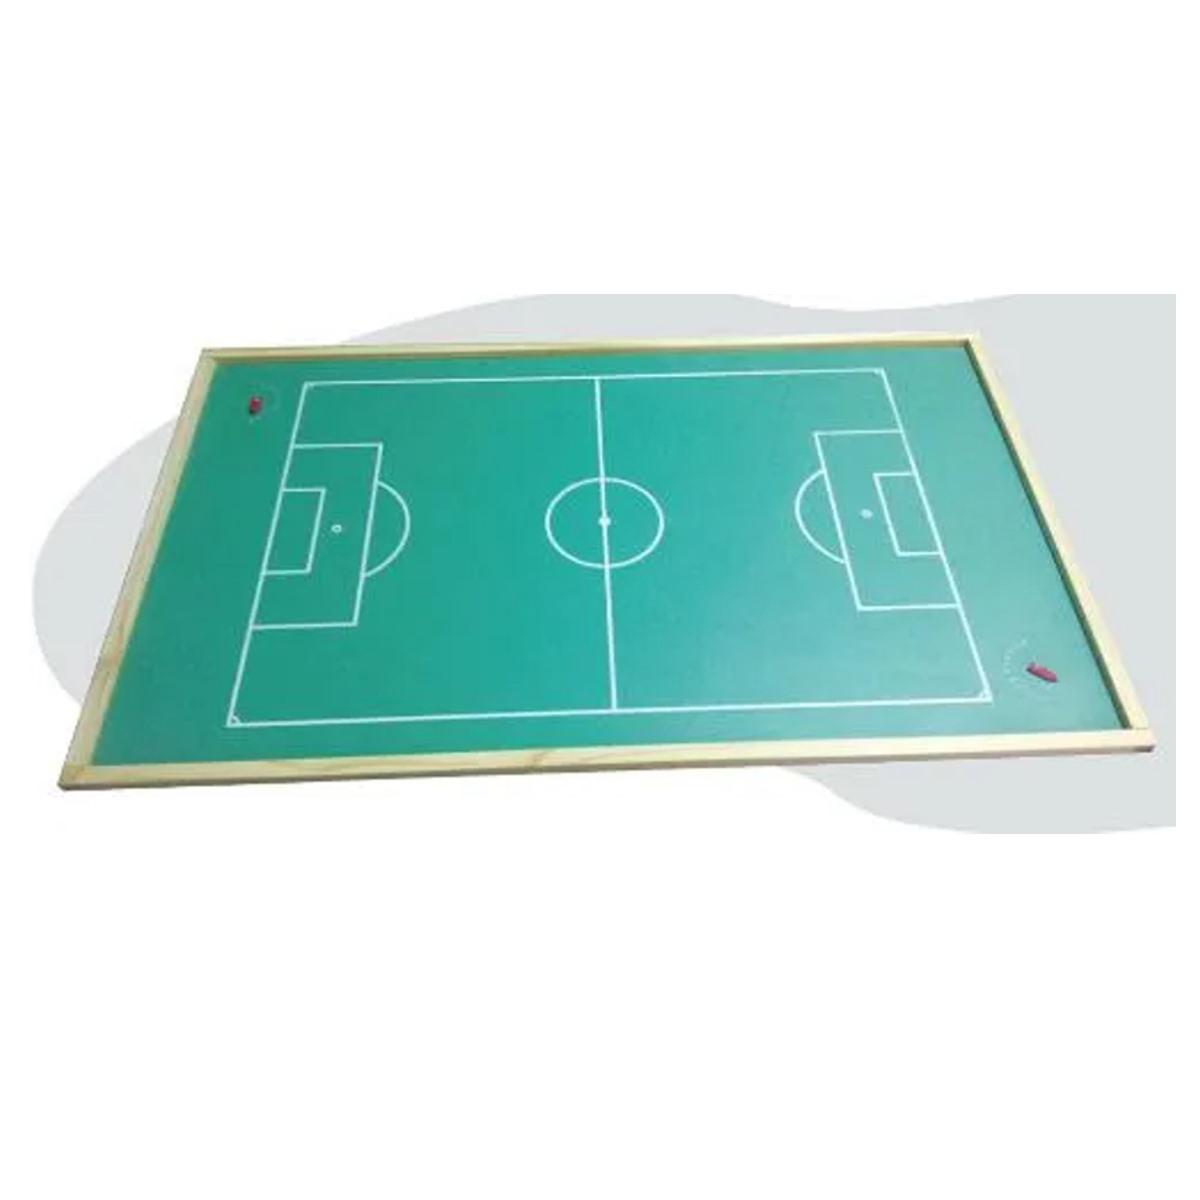 Brinquedos Educativos - Campo de  Futebol de Botão 100x62cm